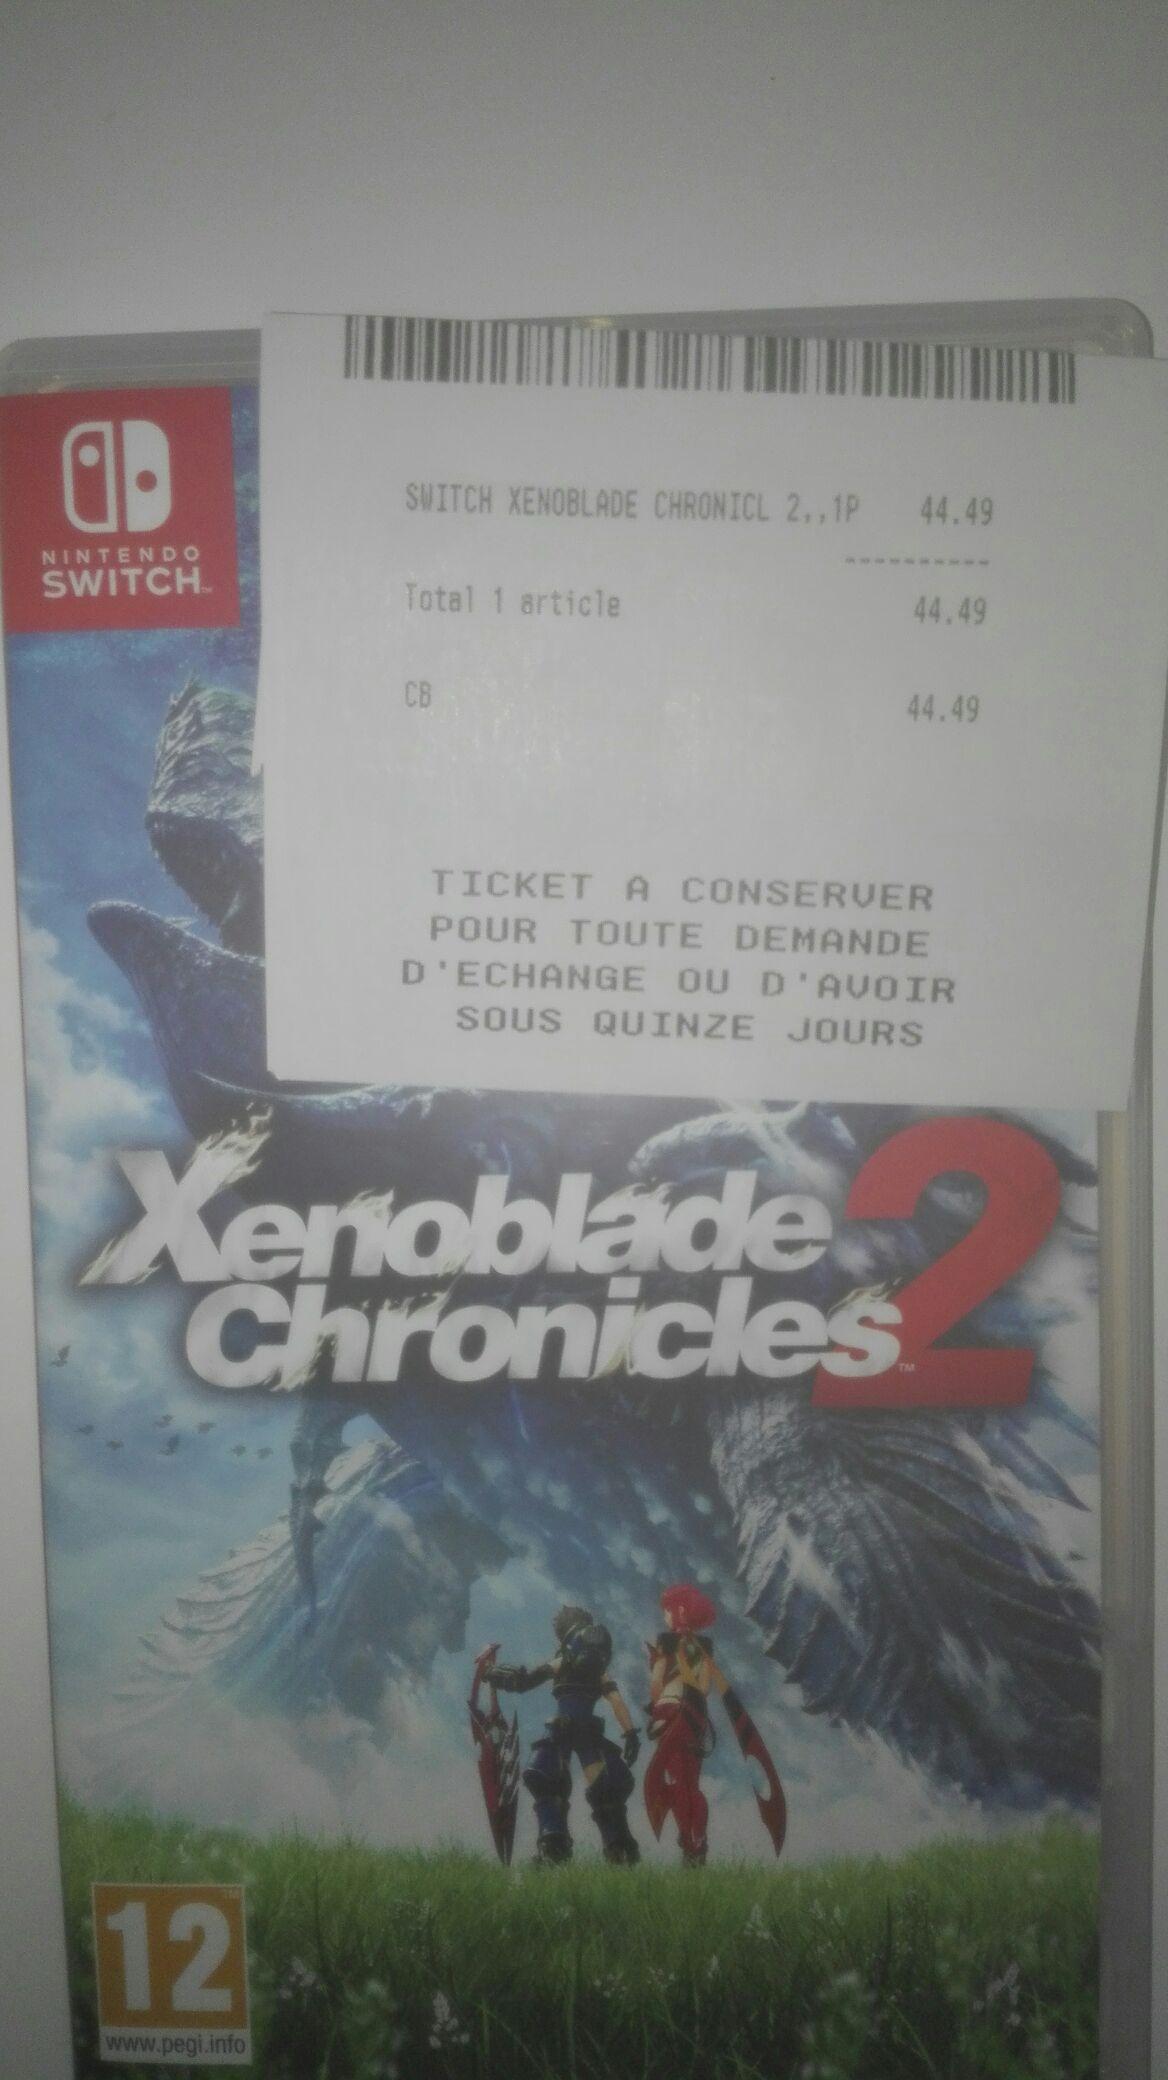 Jeu Xenoblade Chronicles 2 sur Switch - Portet sur Garonne (31)